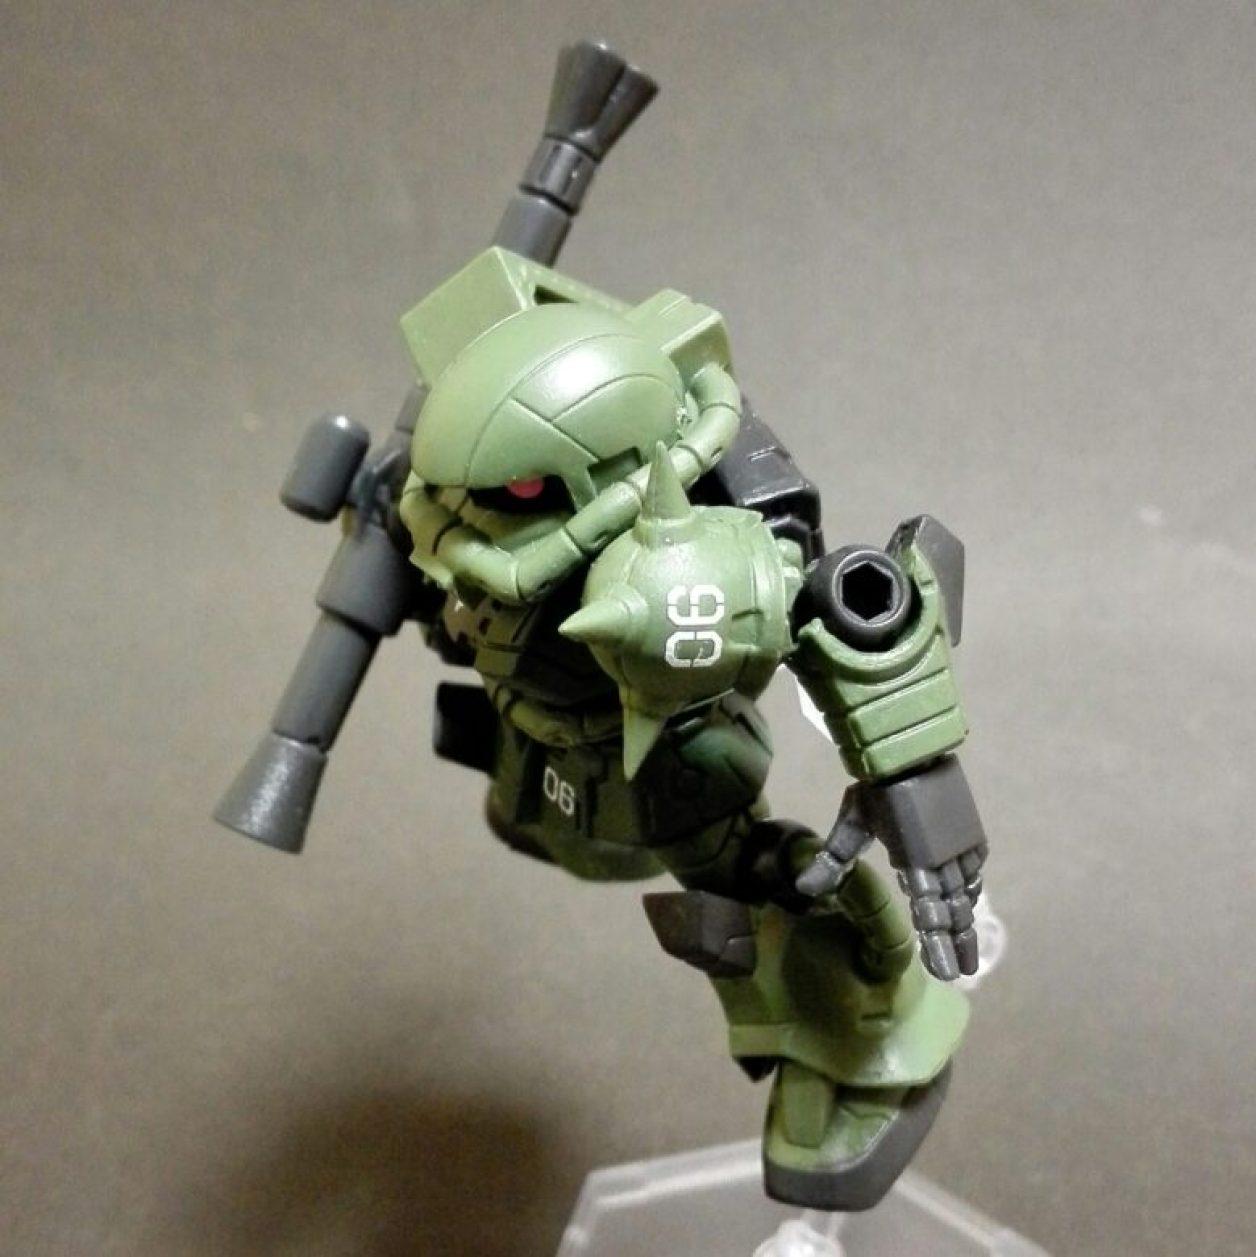 mobile suit ensemble(モビルスーツアンサンブル)1.5弾のザク(マーキングプラス)のMS武器セットのザク・バズーカを装備した画像